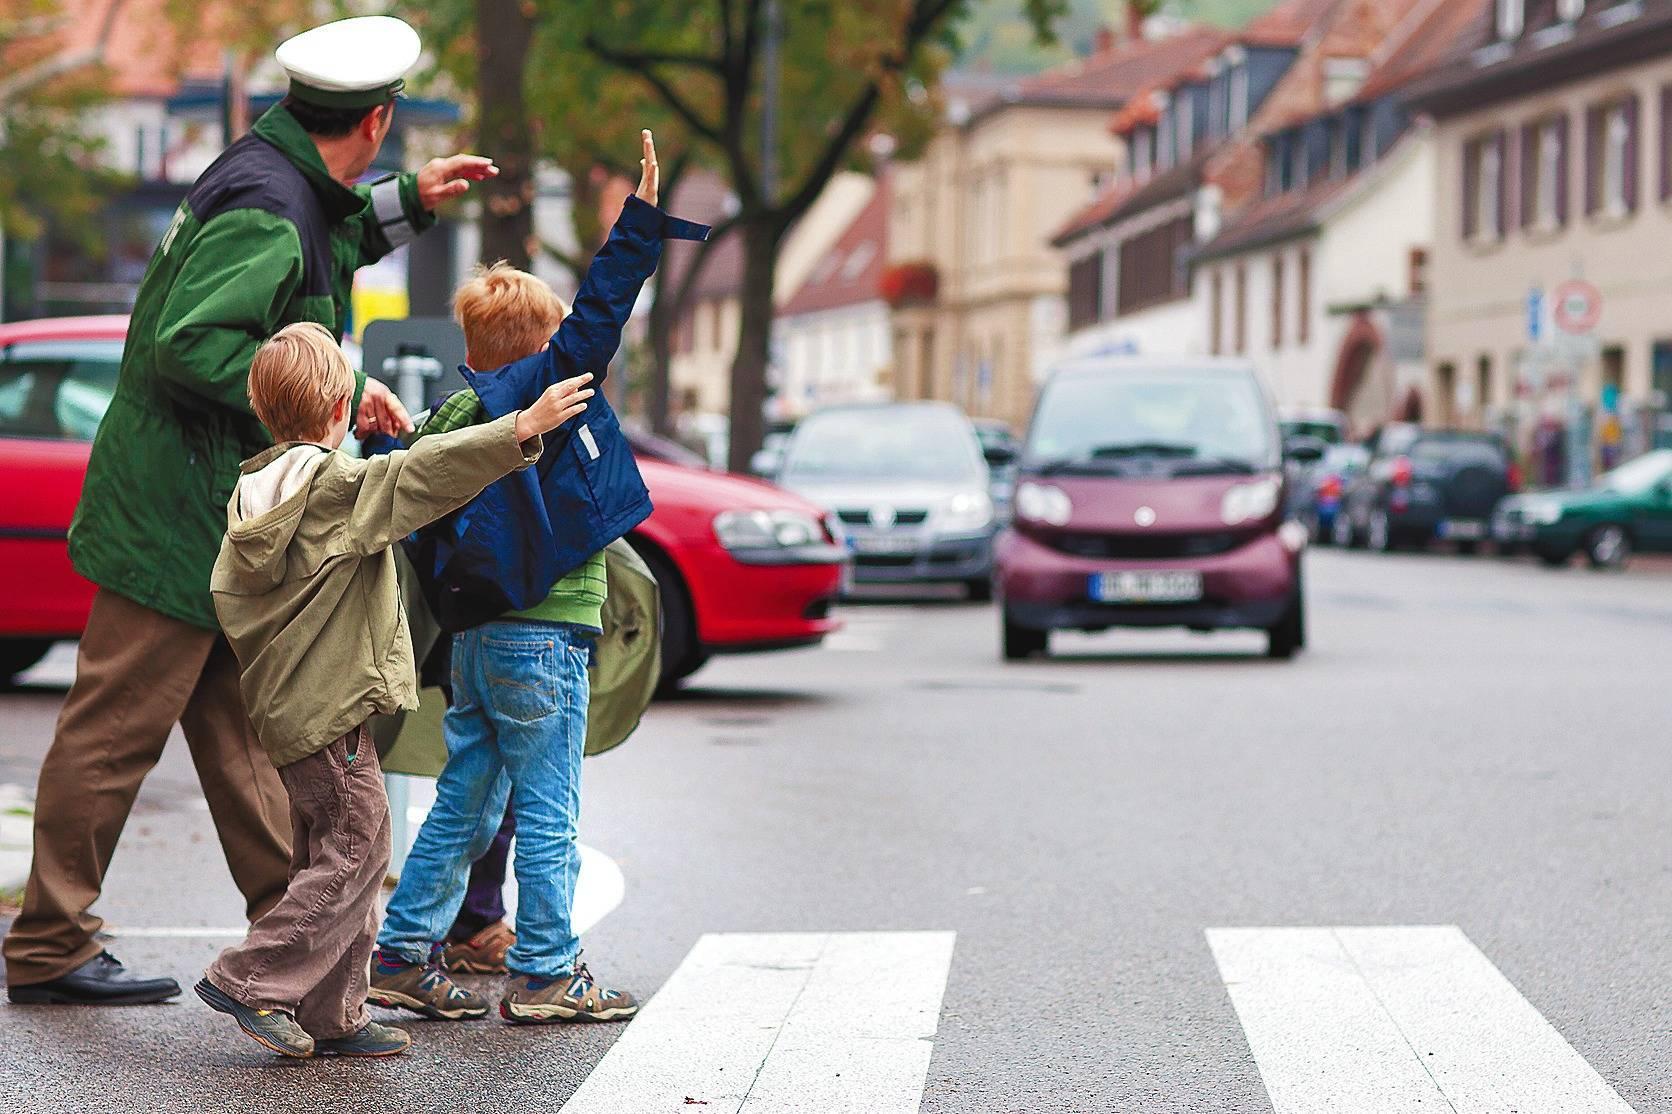 Tödlicher Unfall in Heidelberger Altstadt: Alle wollen das ...